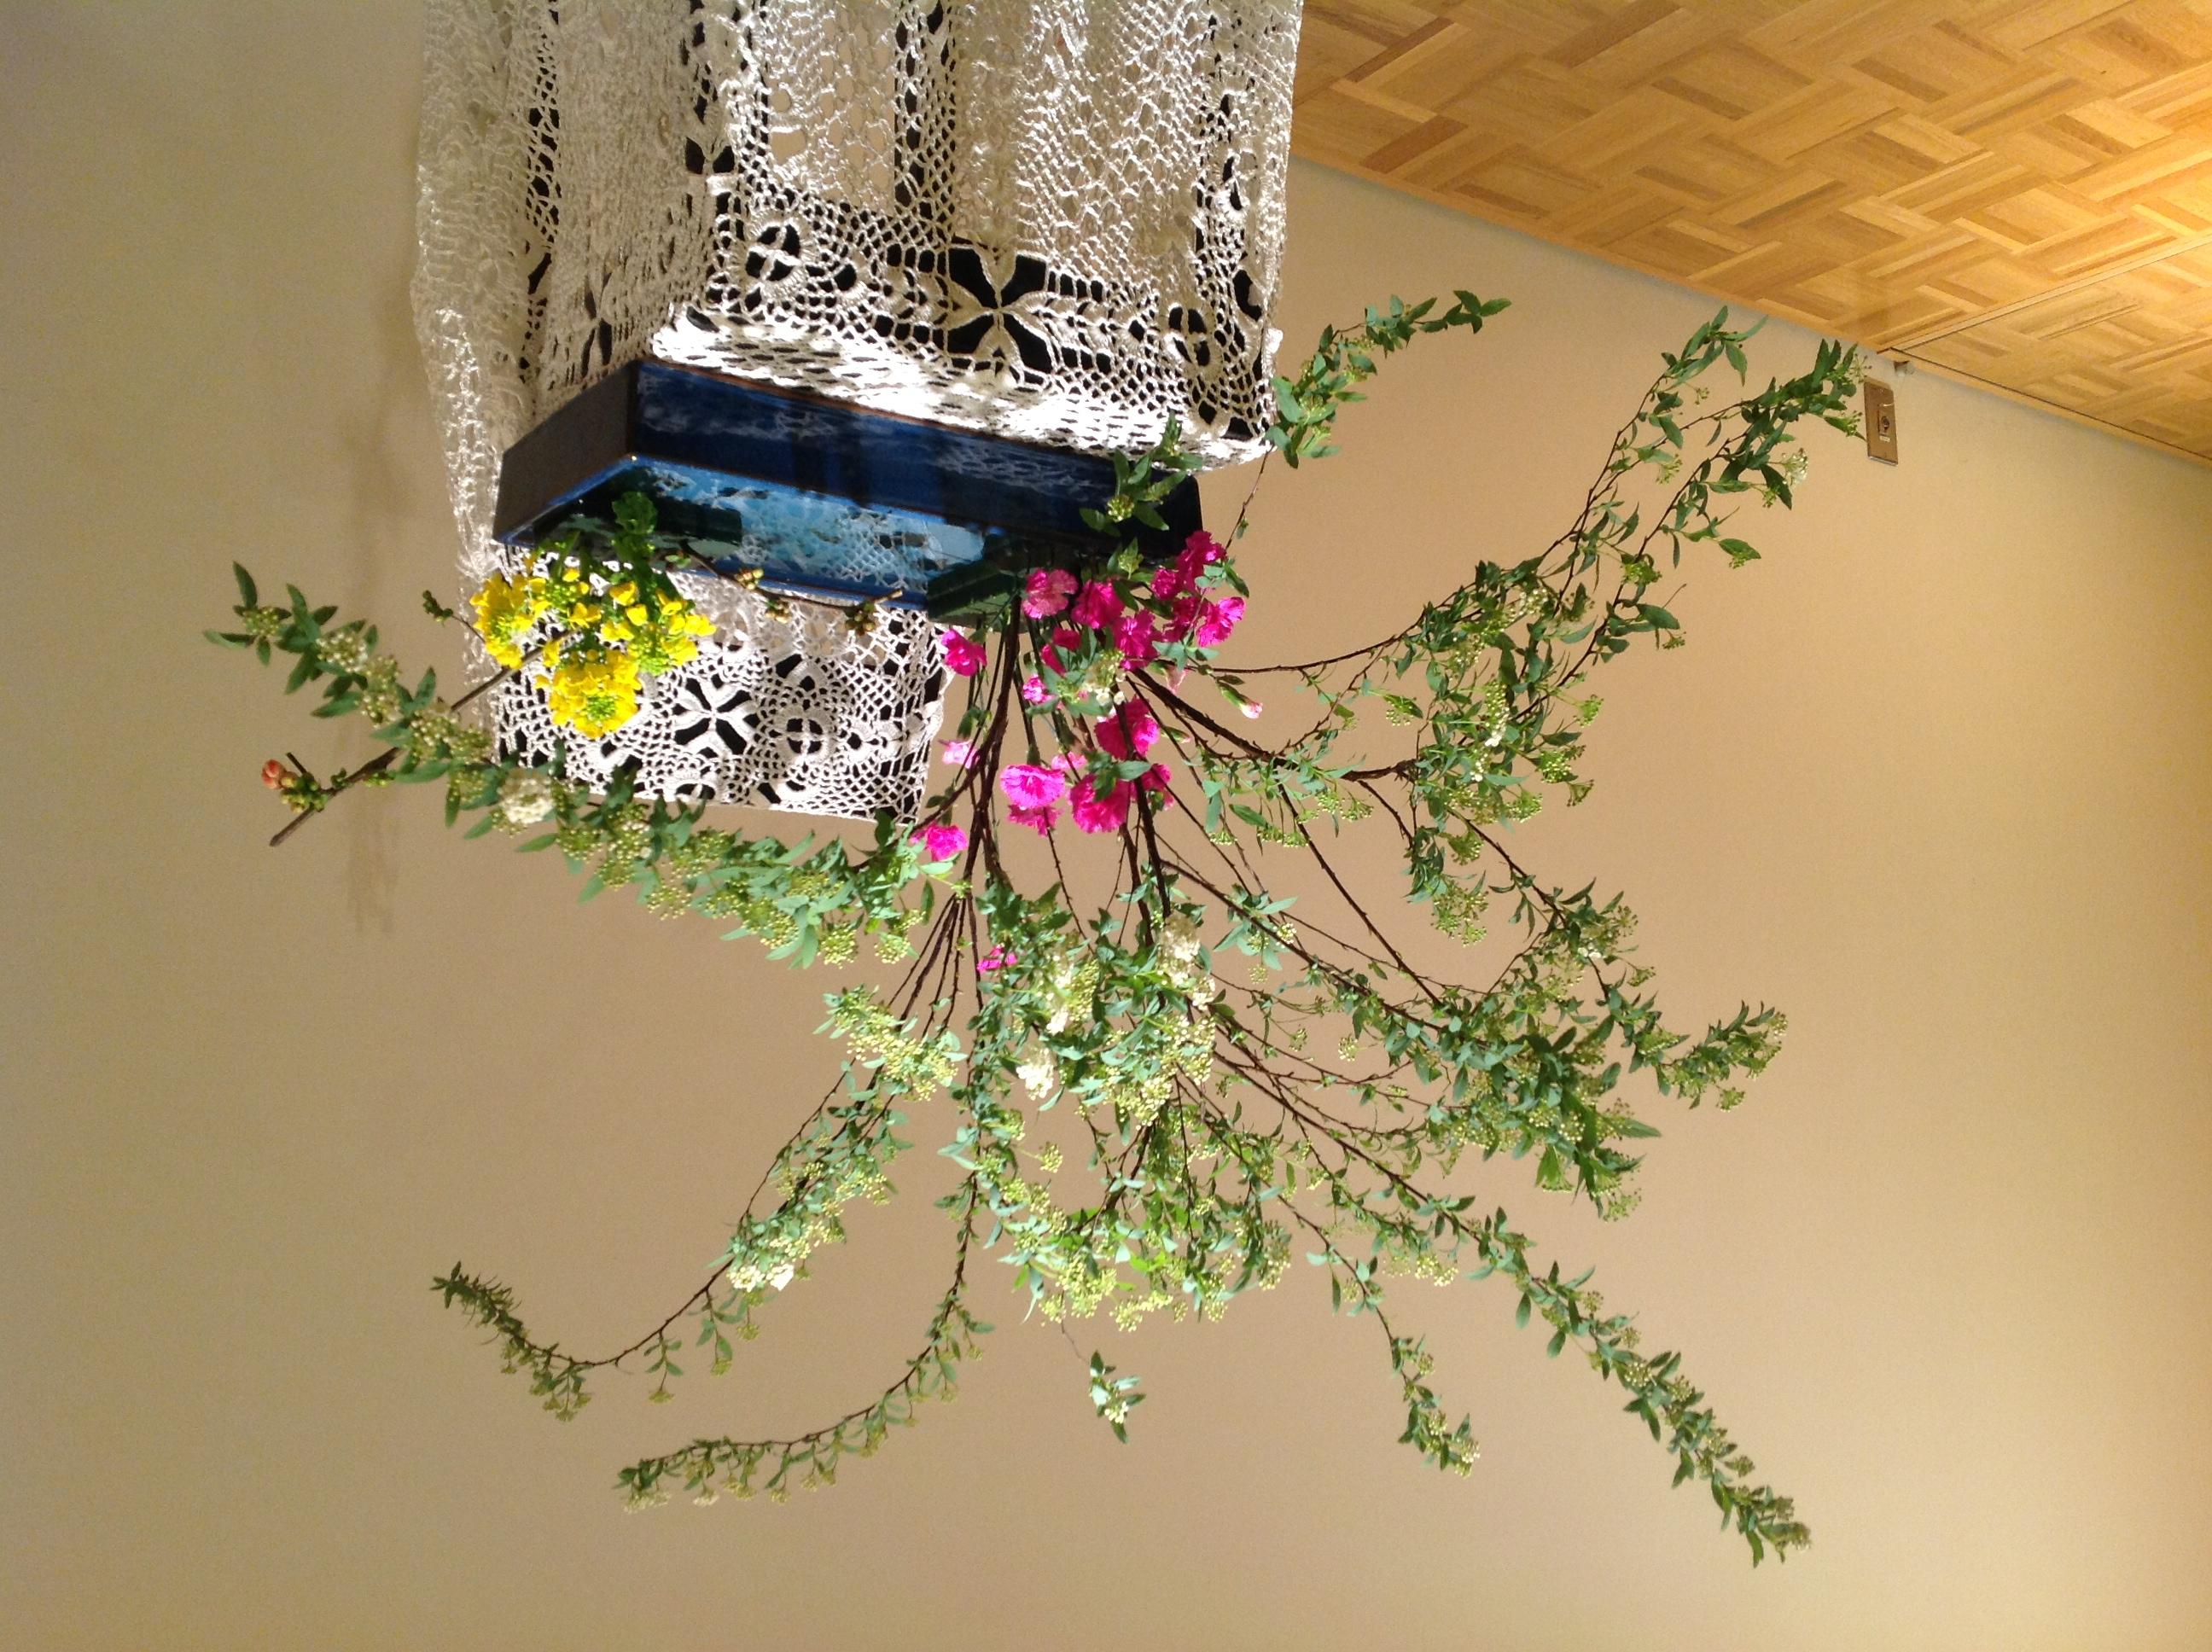 2013/2/17、聖日礼拝のお花